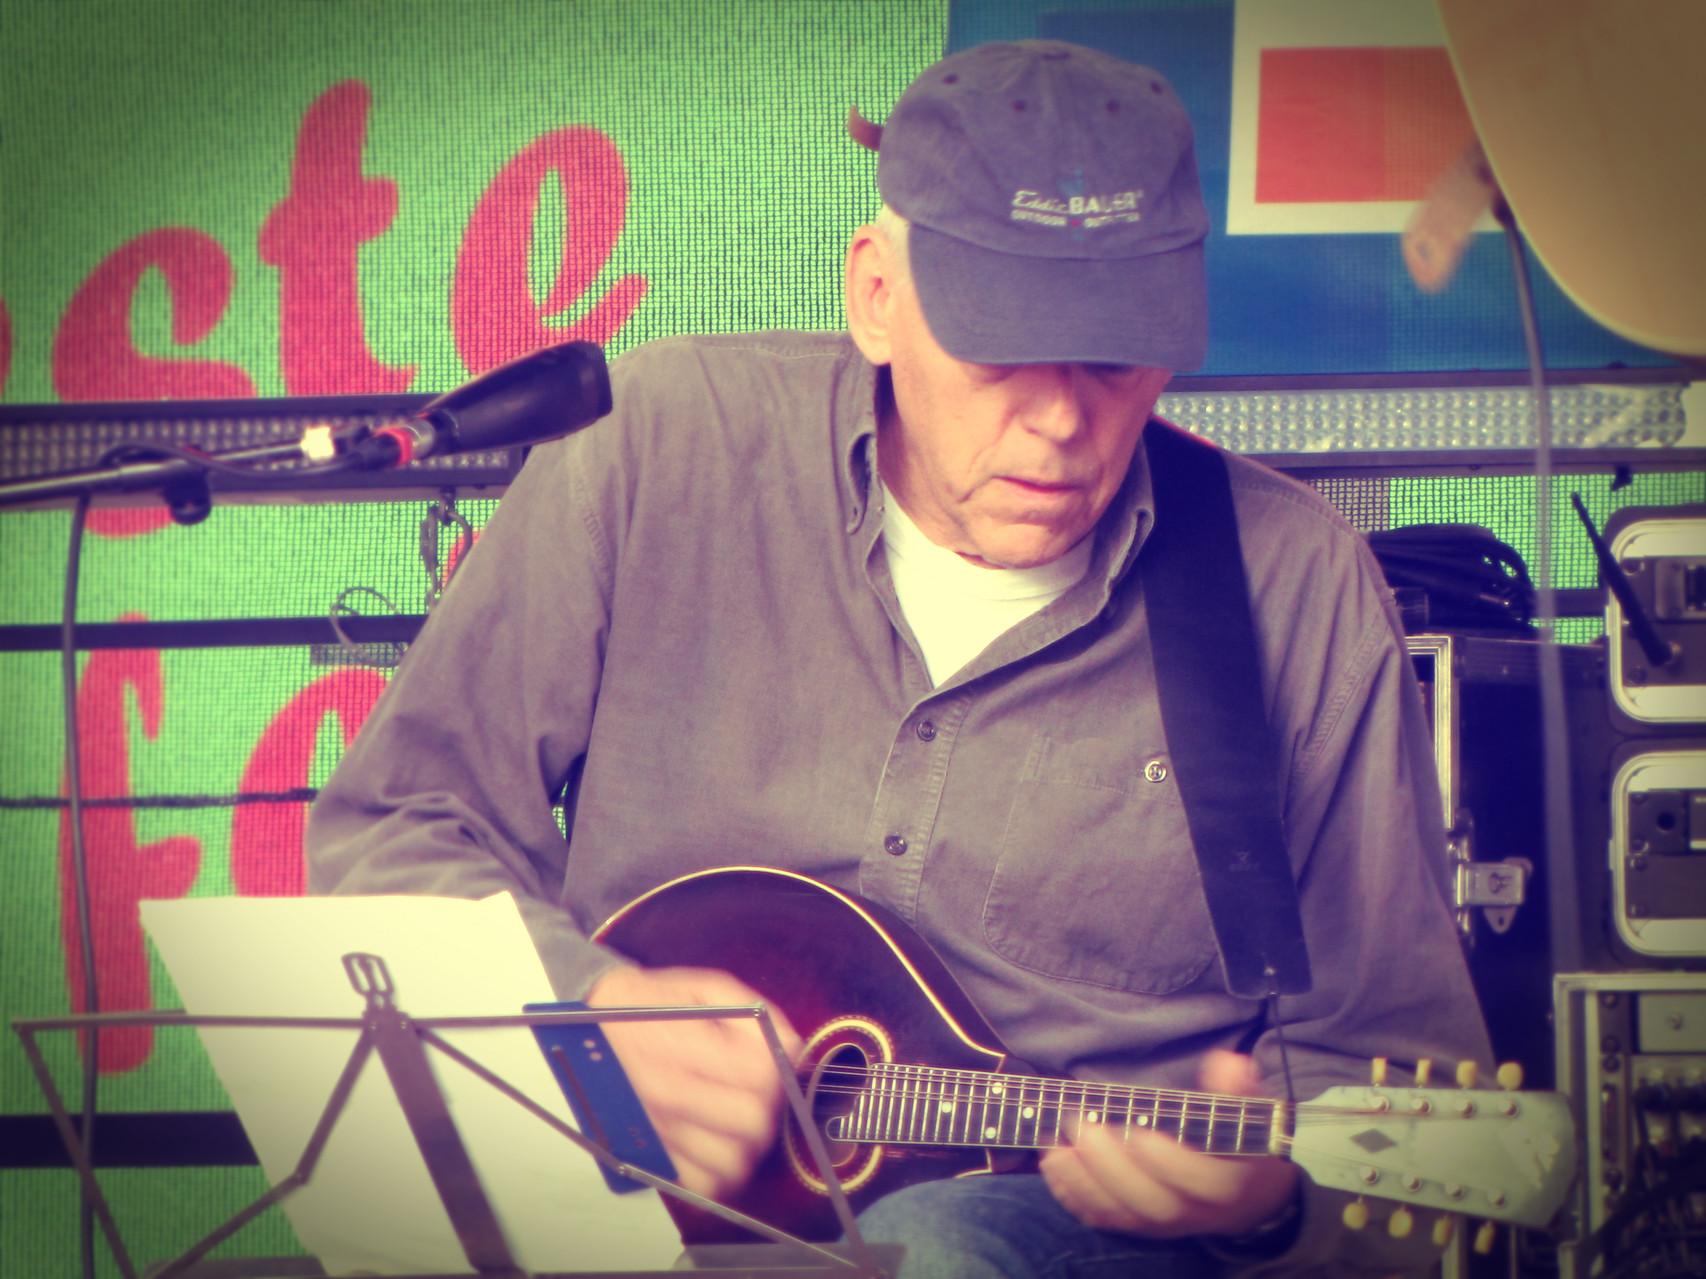 Rainer Guth (Mandoline) Die Musiker der Band von ulf hartmann. Livemusik (Singer-Songwriter) aus Braunschweig. Foto: Udo Eisenbarth